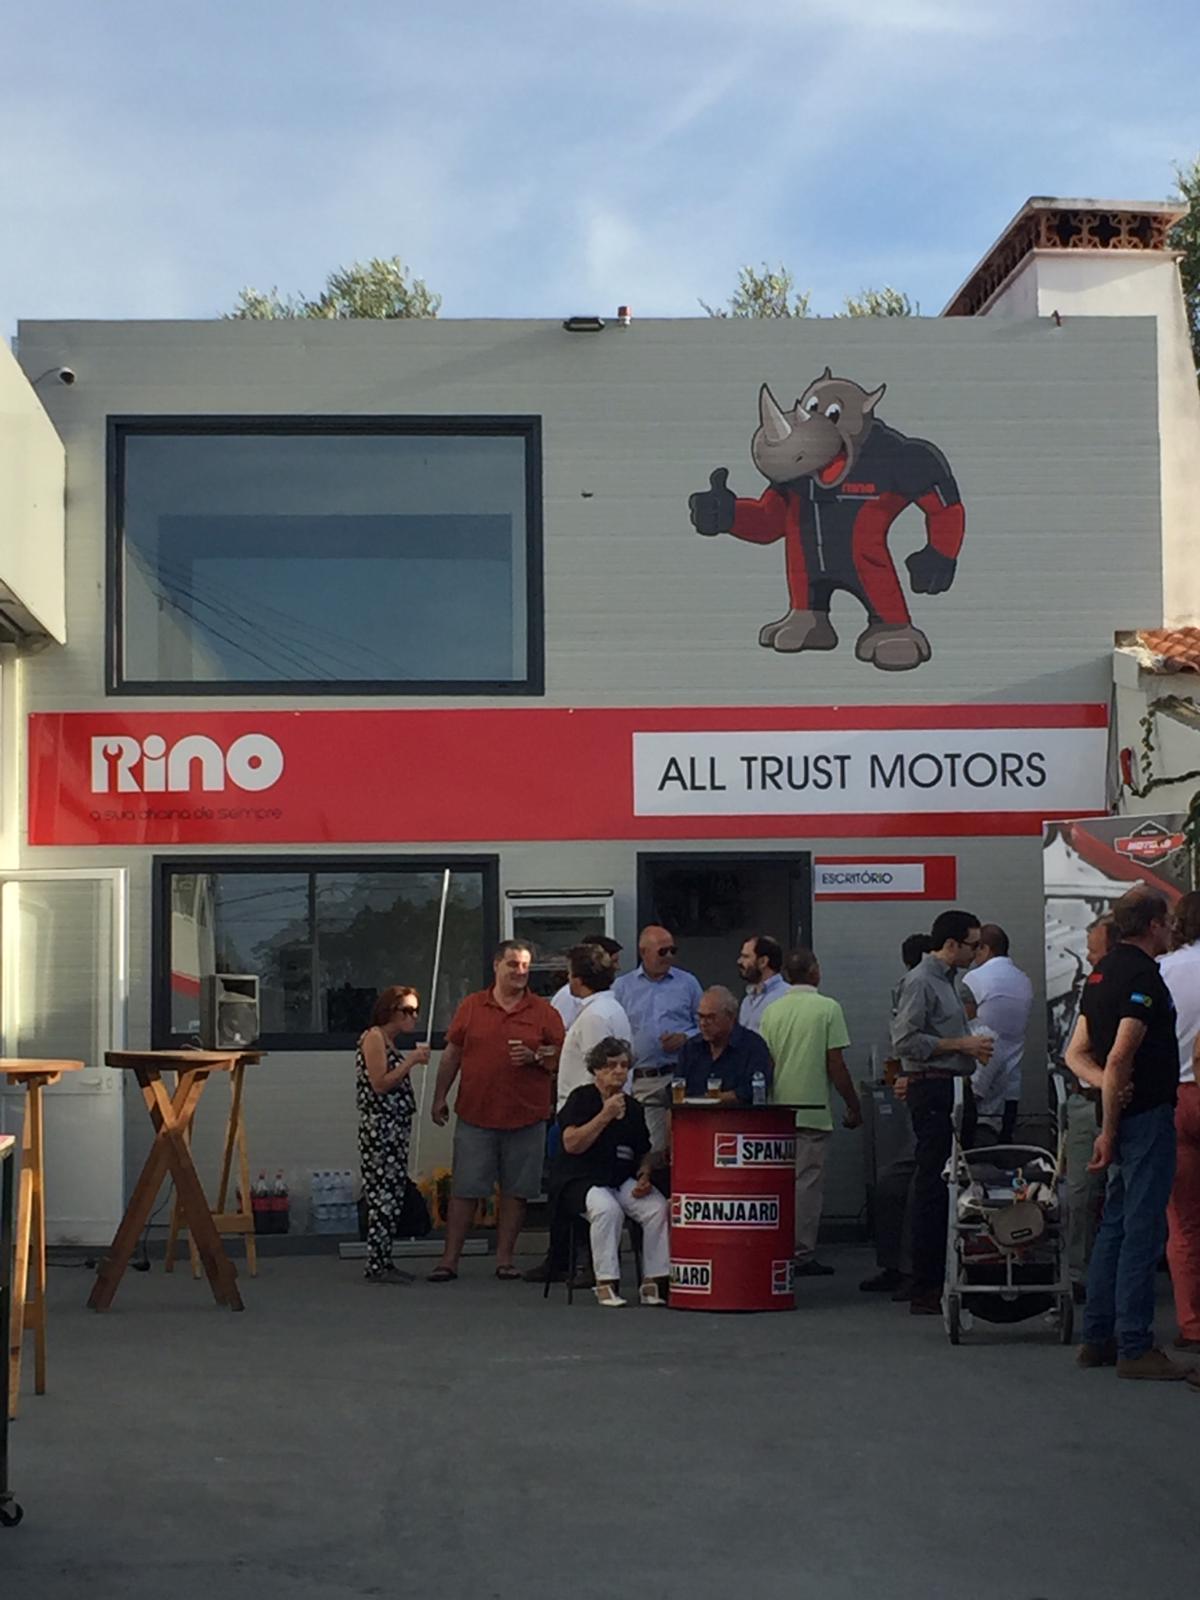 All Trust Motors